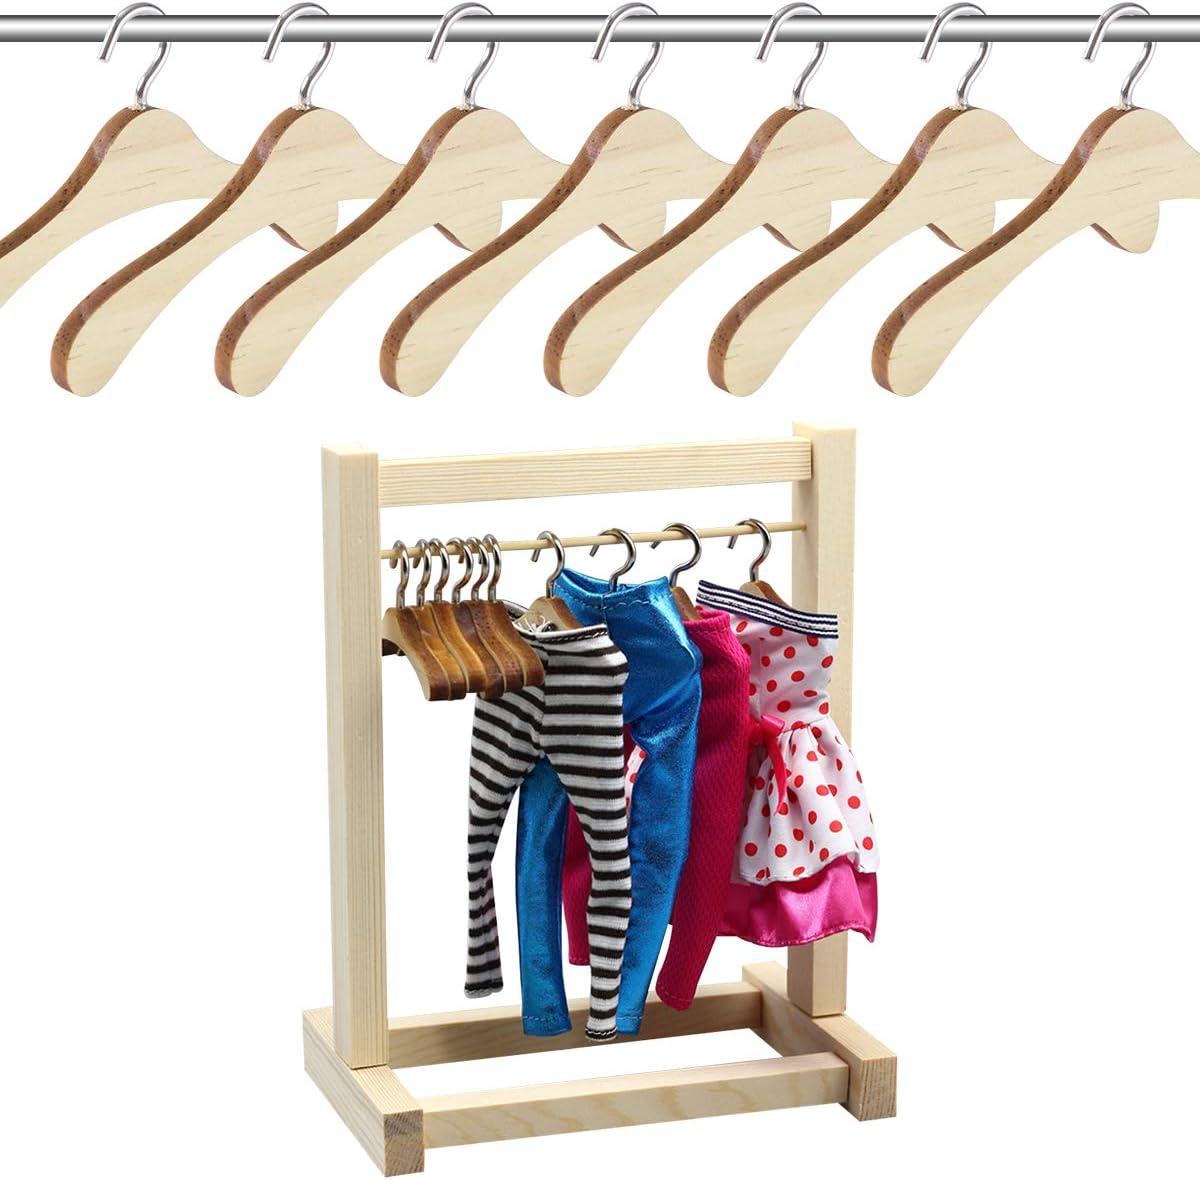 BESTOMZ 10pcs Wooden Doll Hangers Dolls Accessory Wooden Clothes Hanger 1//3 BJD Wooden Doll Hangers w//Clips Dolls Accessory Coat Hangers